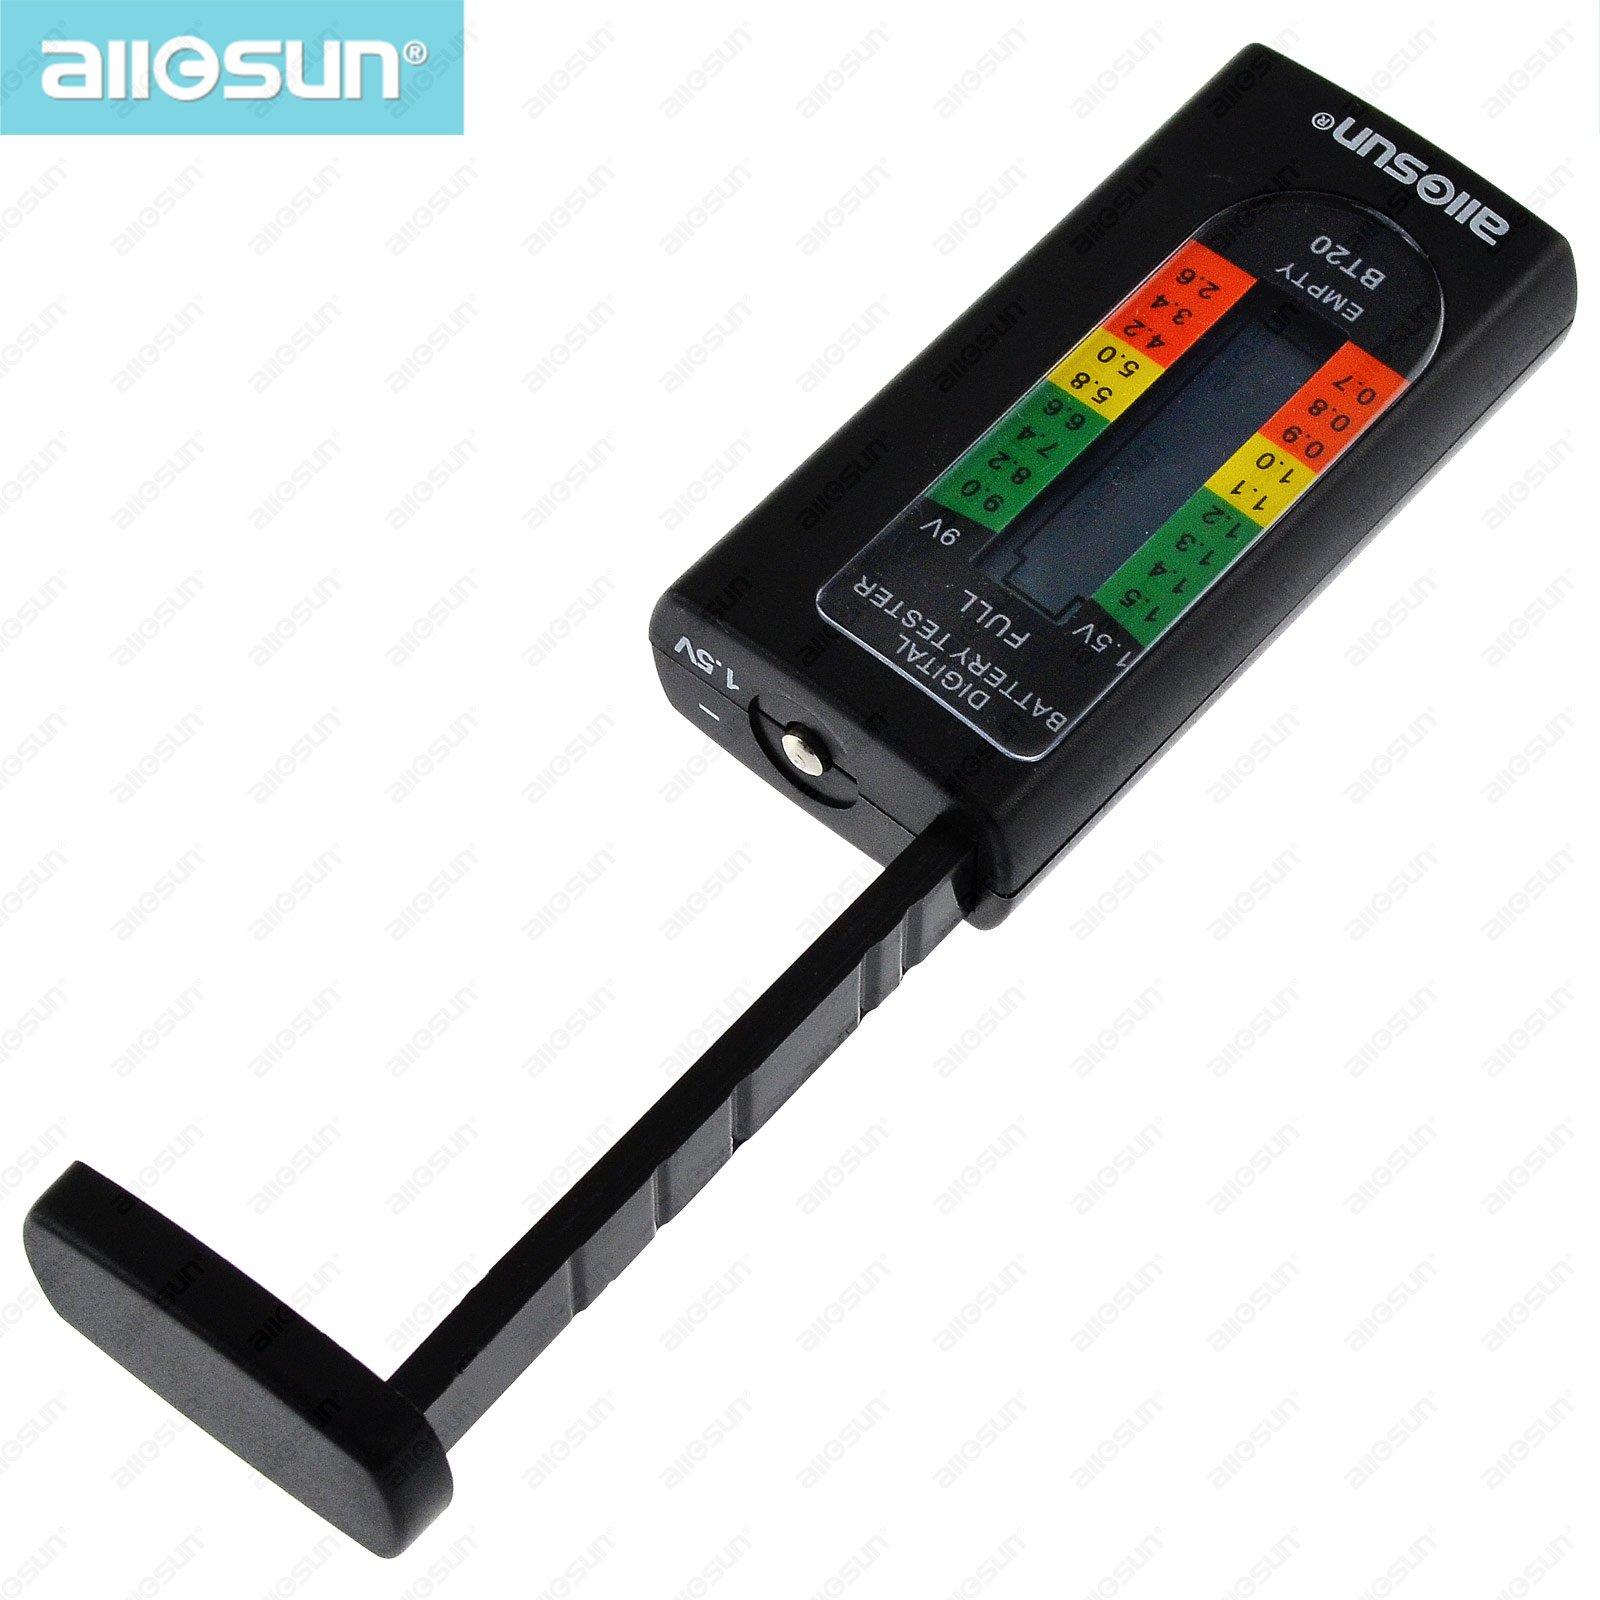 Tester di batteria digitale domestica ALL SUN BT20 vendita calda 1.5V - Strumenti di misura - Fotografia 4